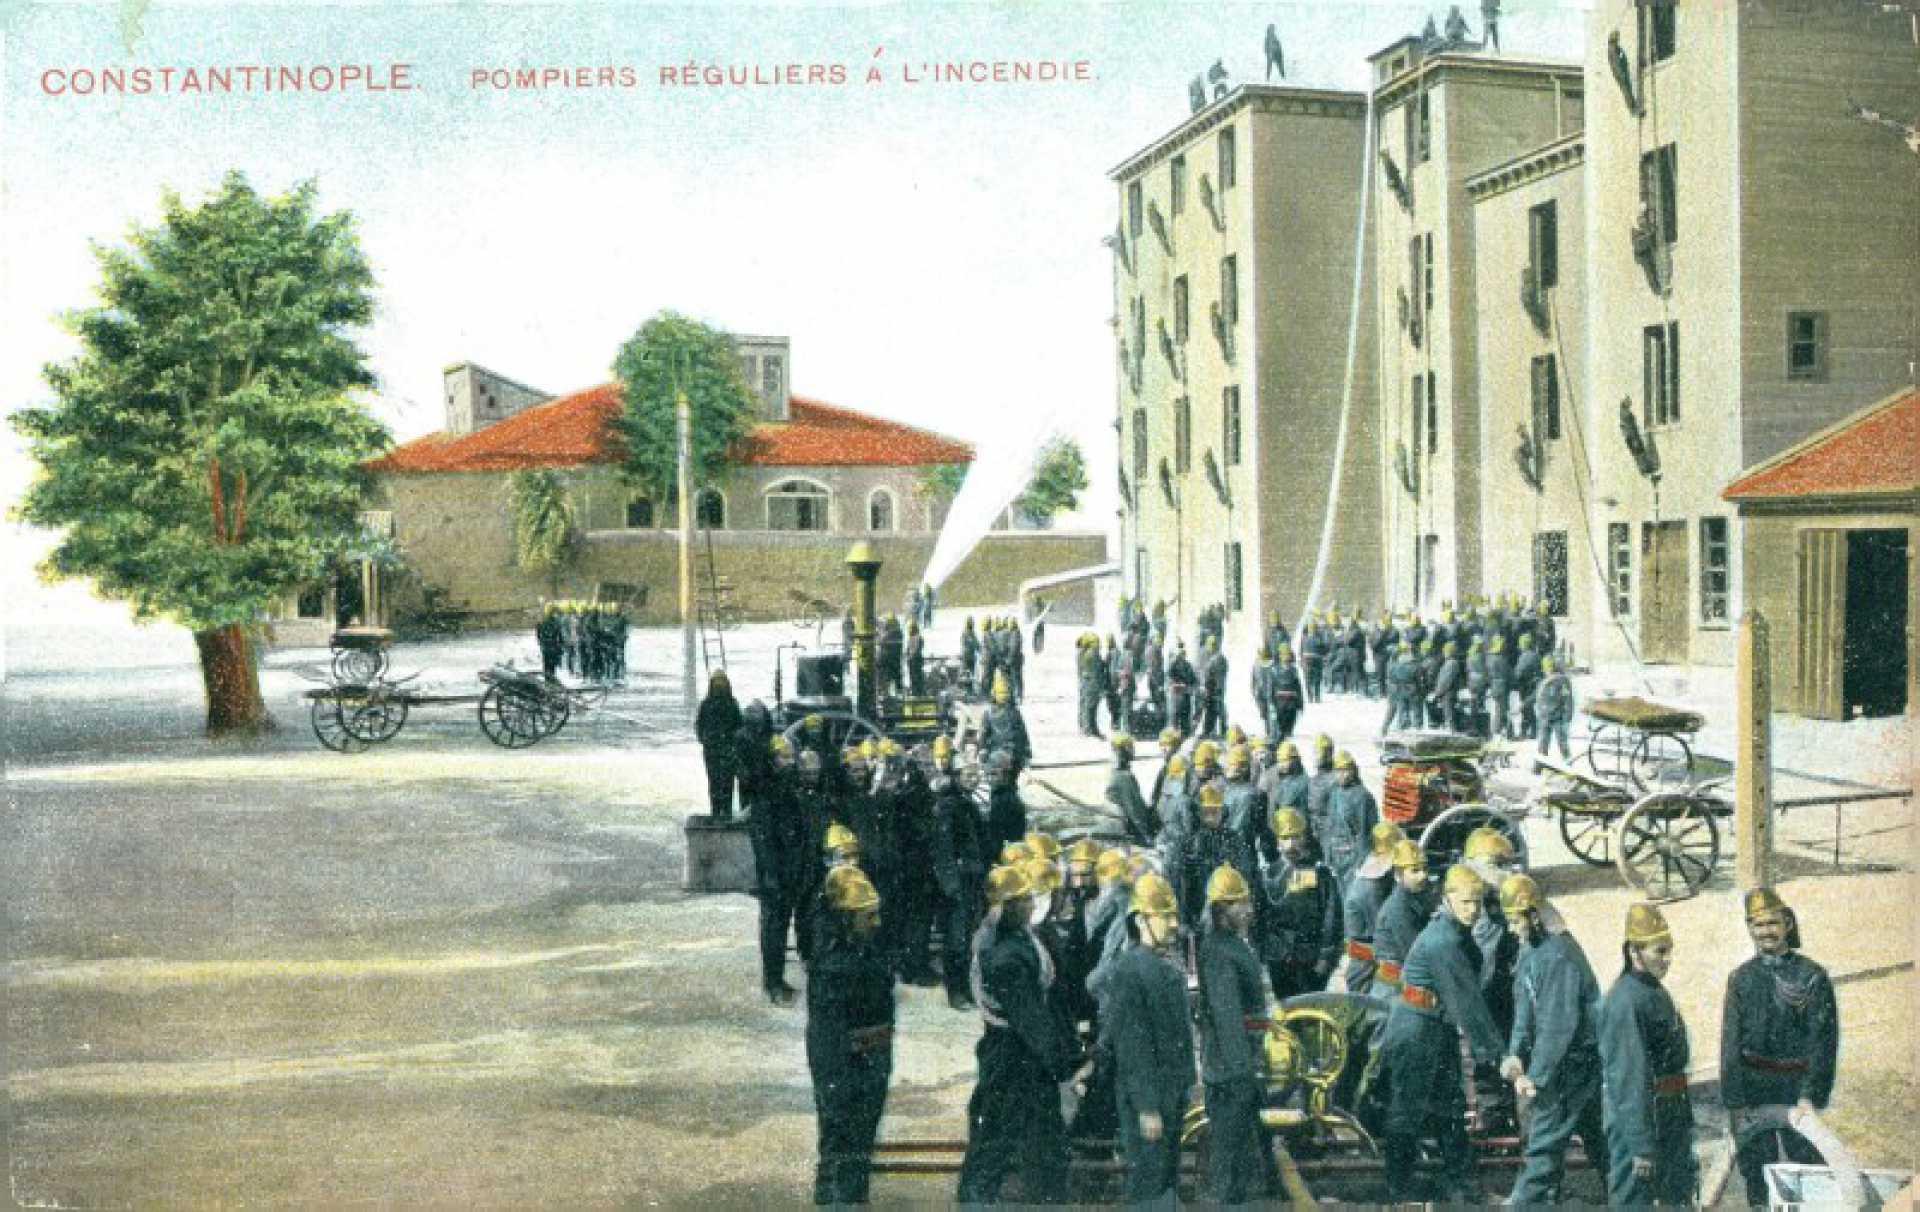 Constantinople. Pompiers reguliers a l'incendie